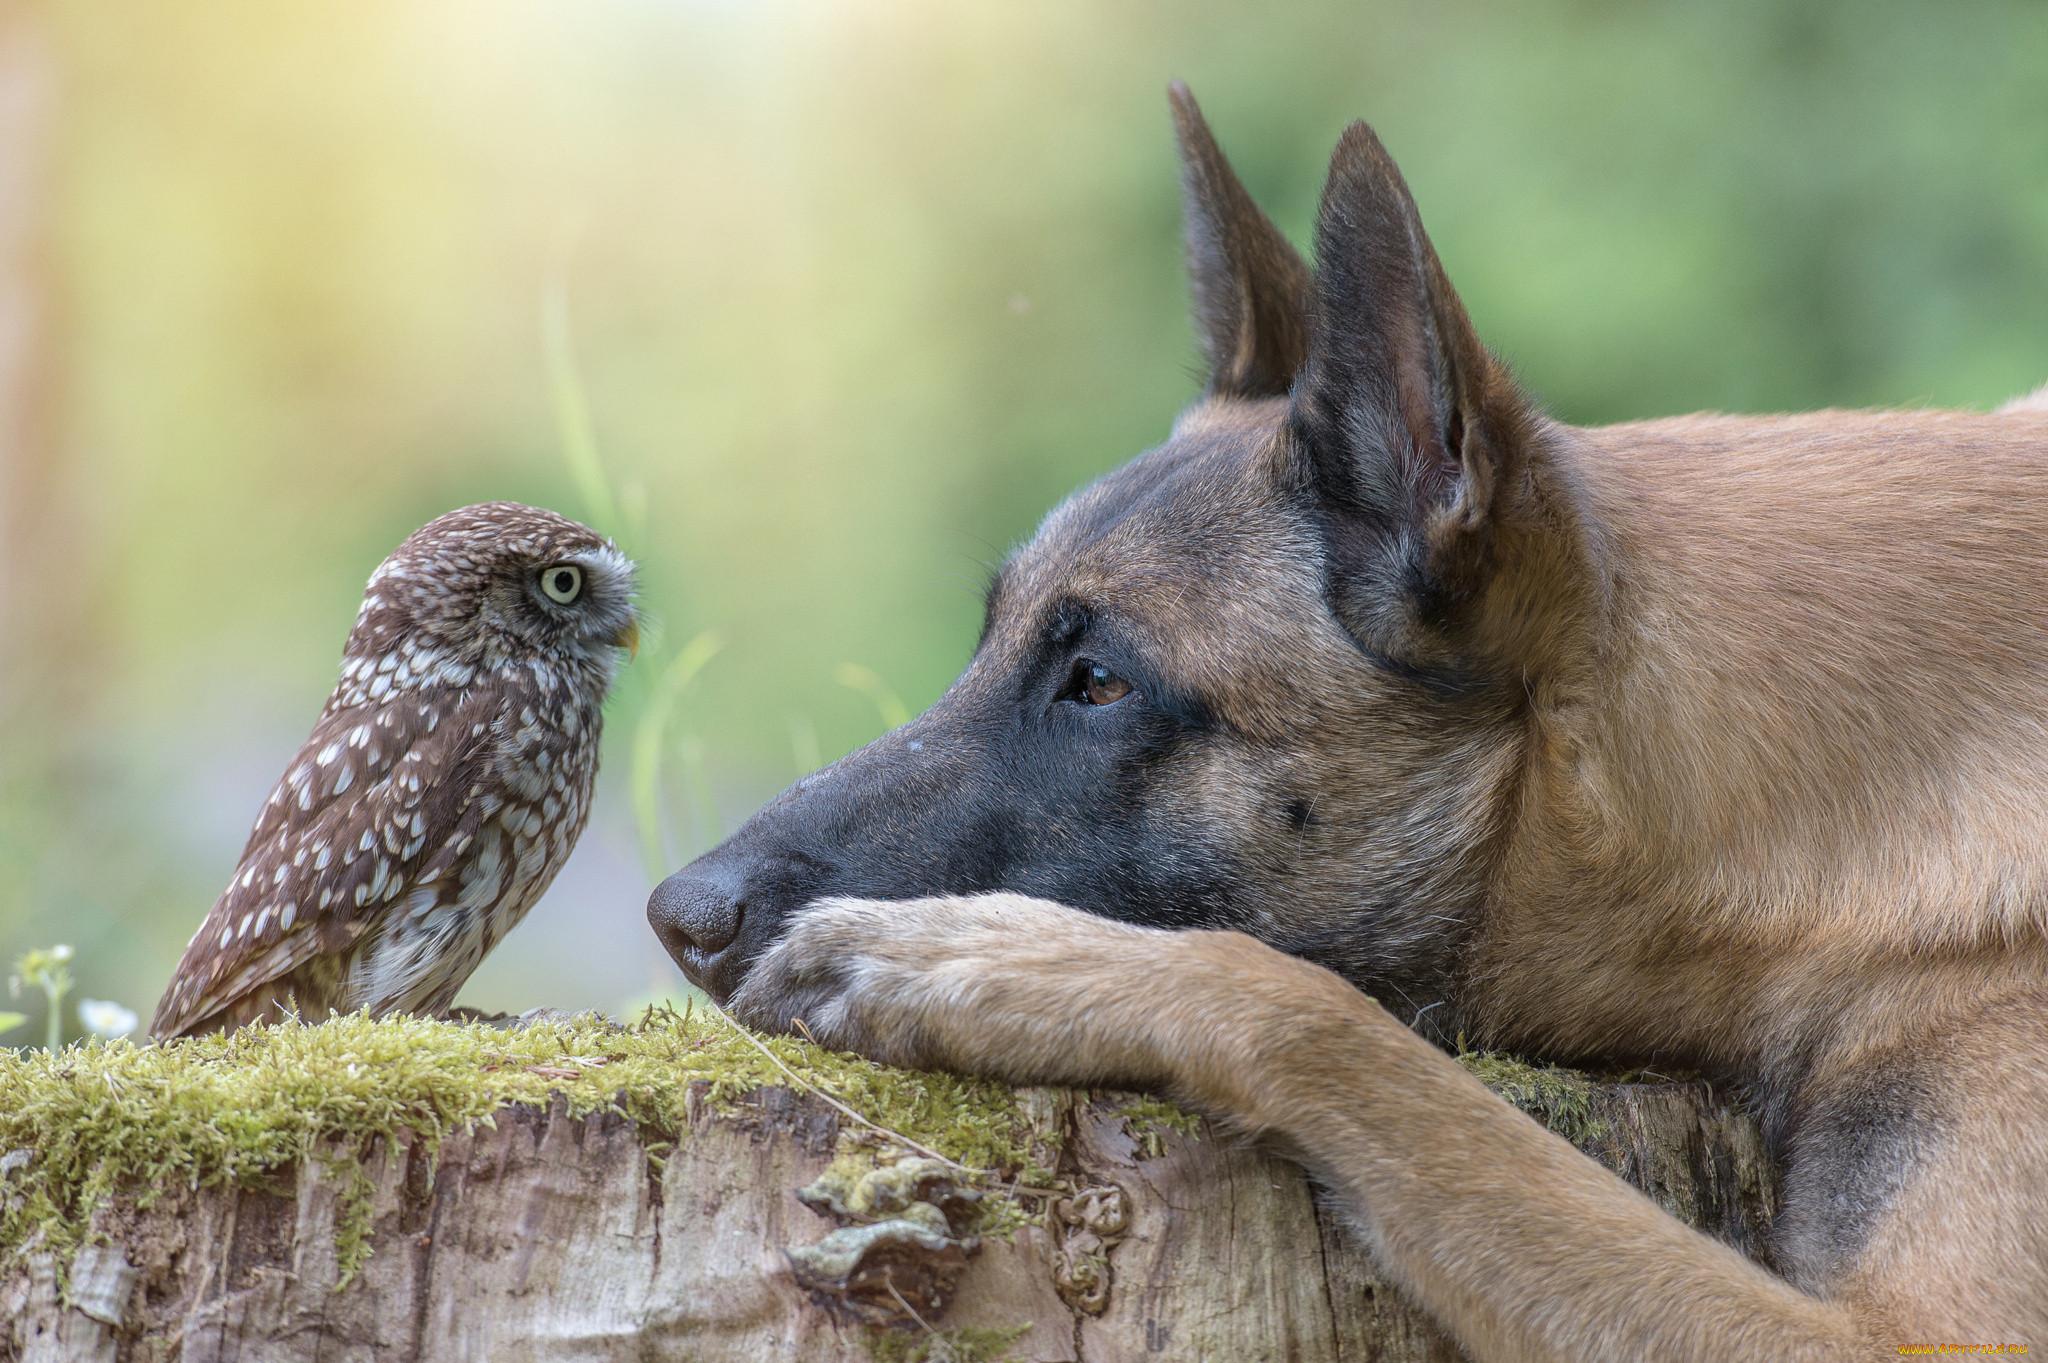 фотки дружбы животных озеро интересное тихое